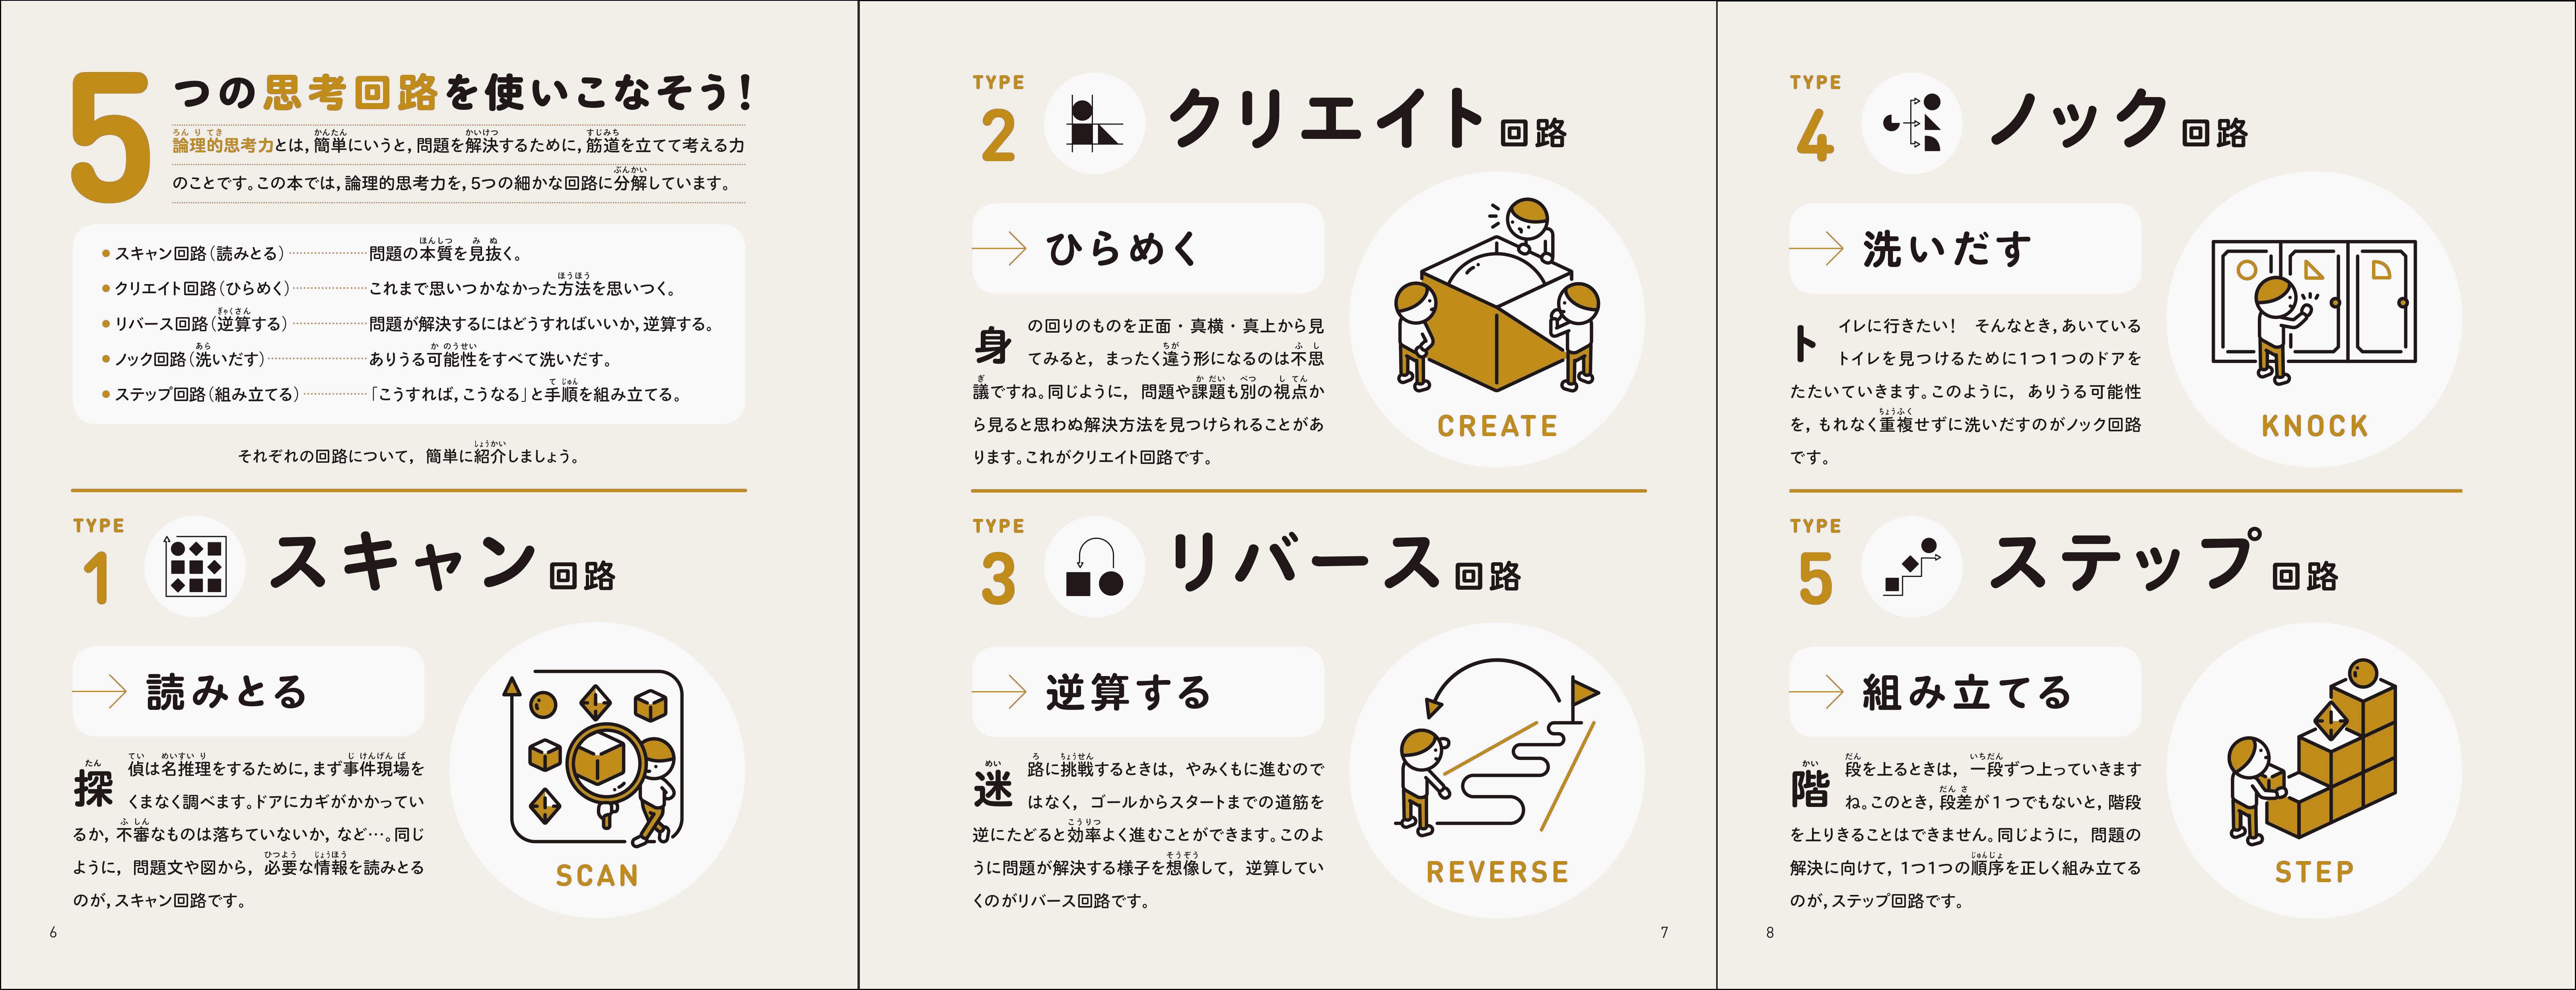 「5つの思考回路」紙面